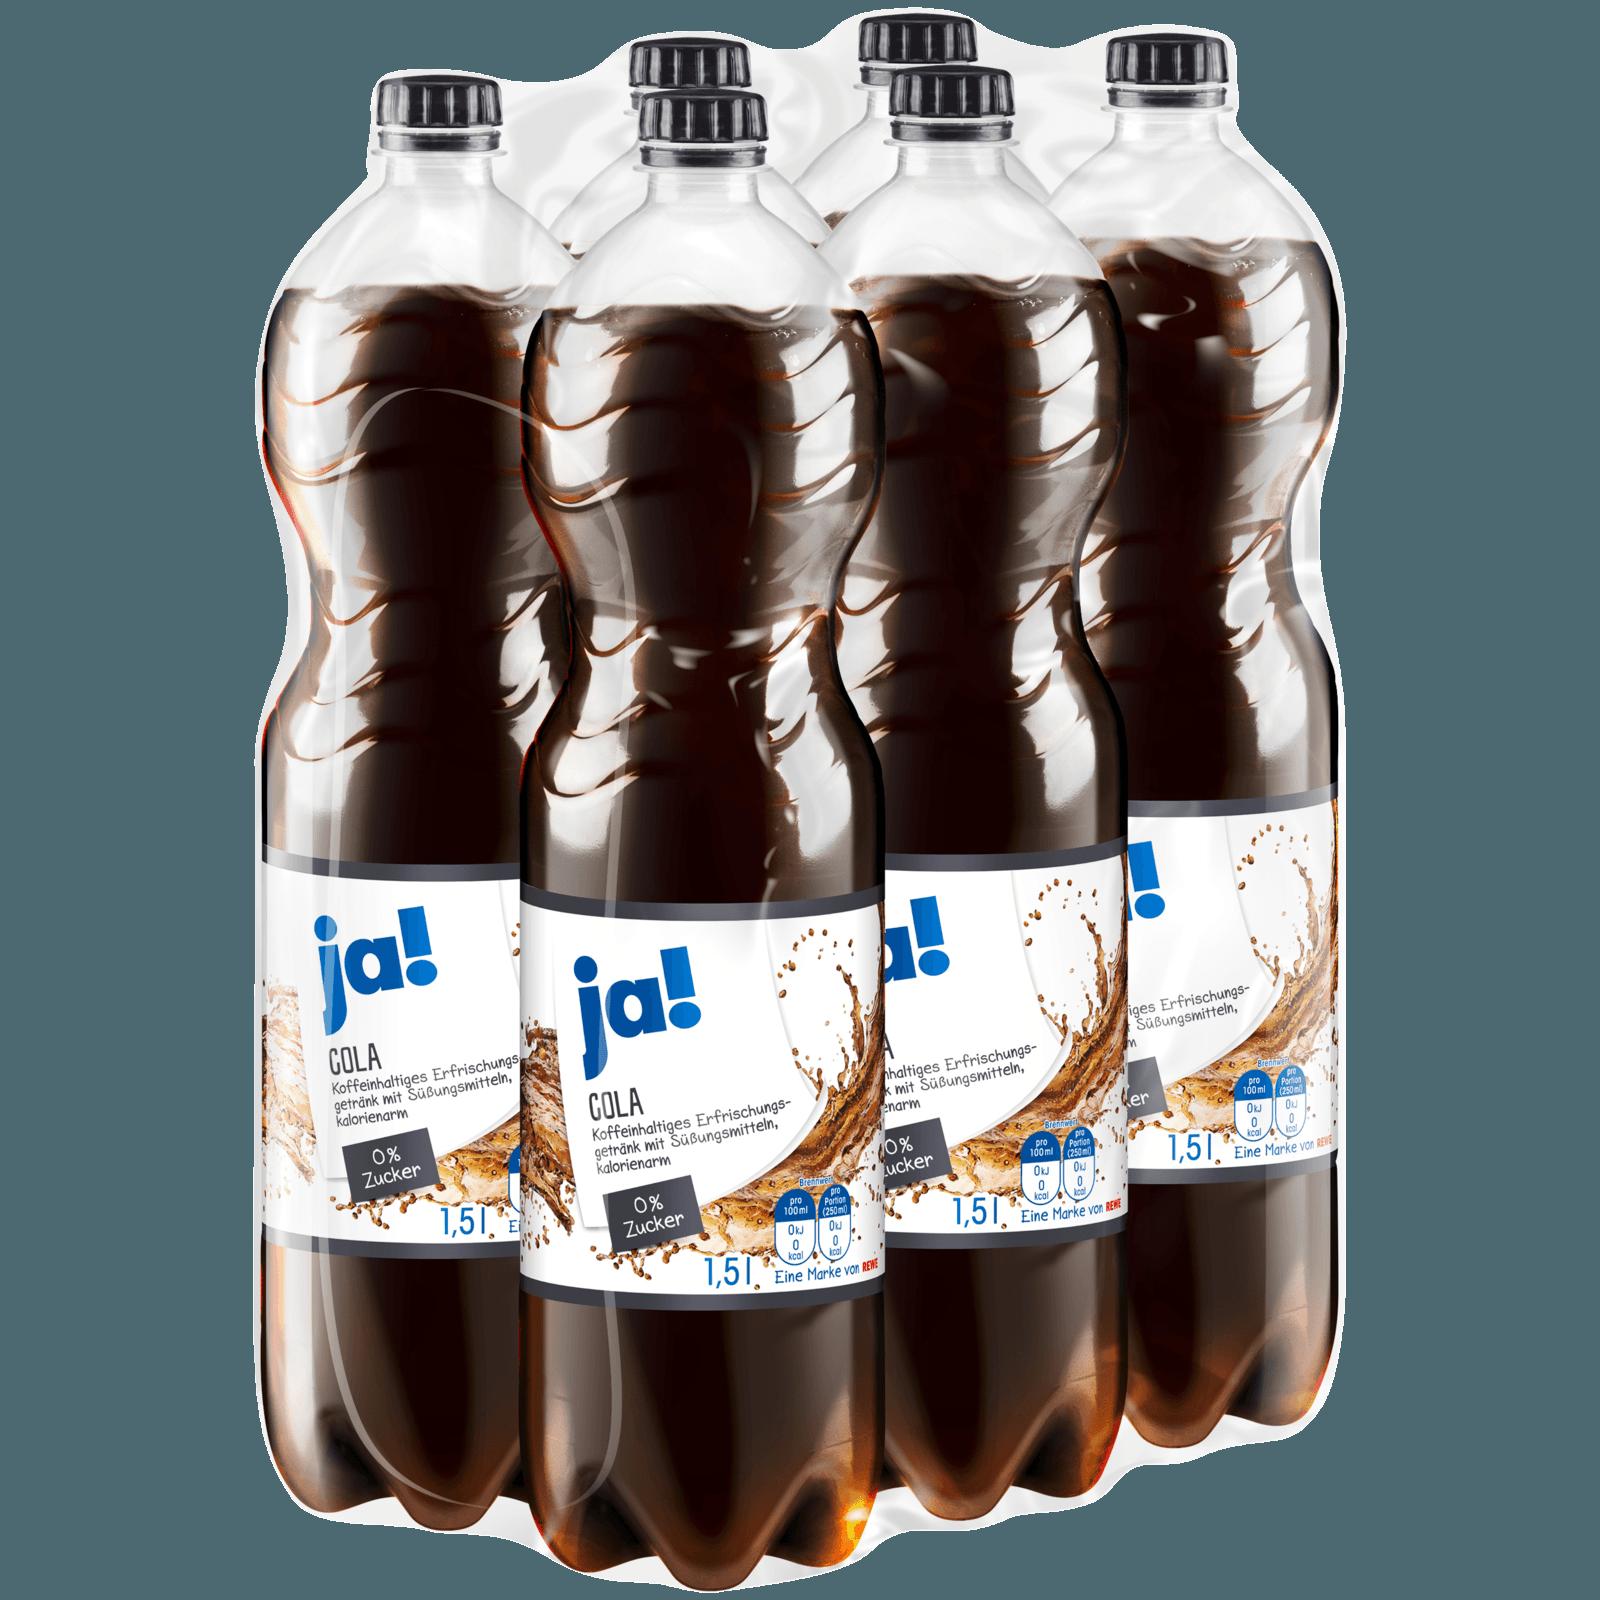 ja! Cola ohne Zucker 6x1,5l bei REWE online bestellen!